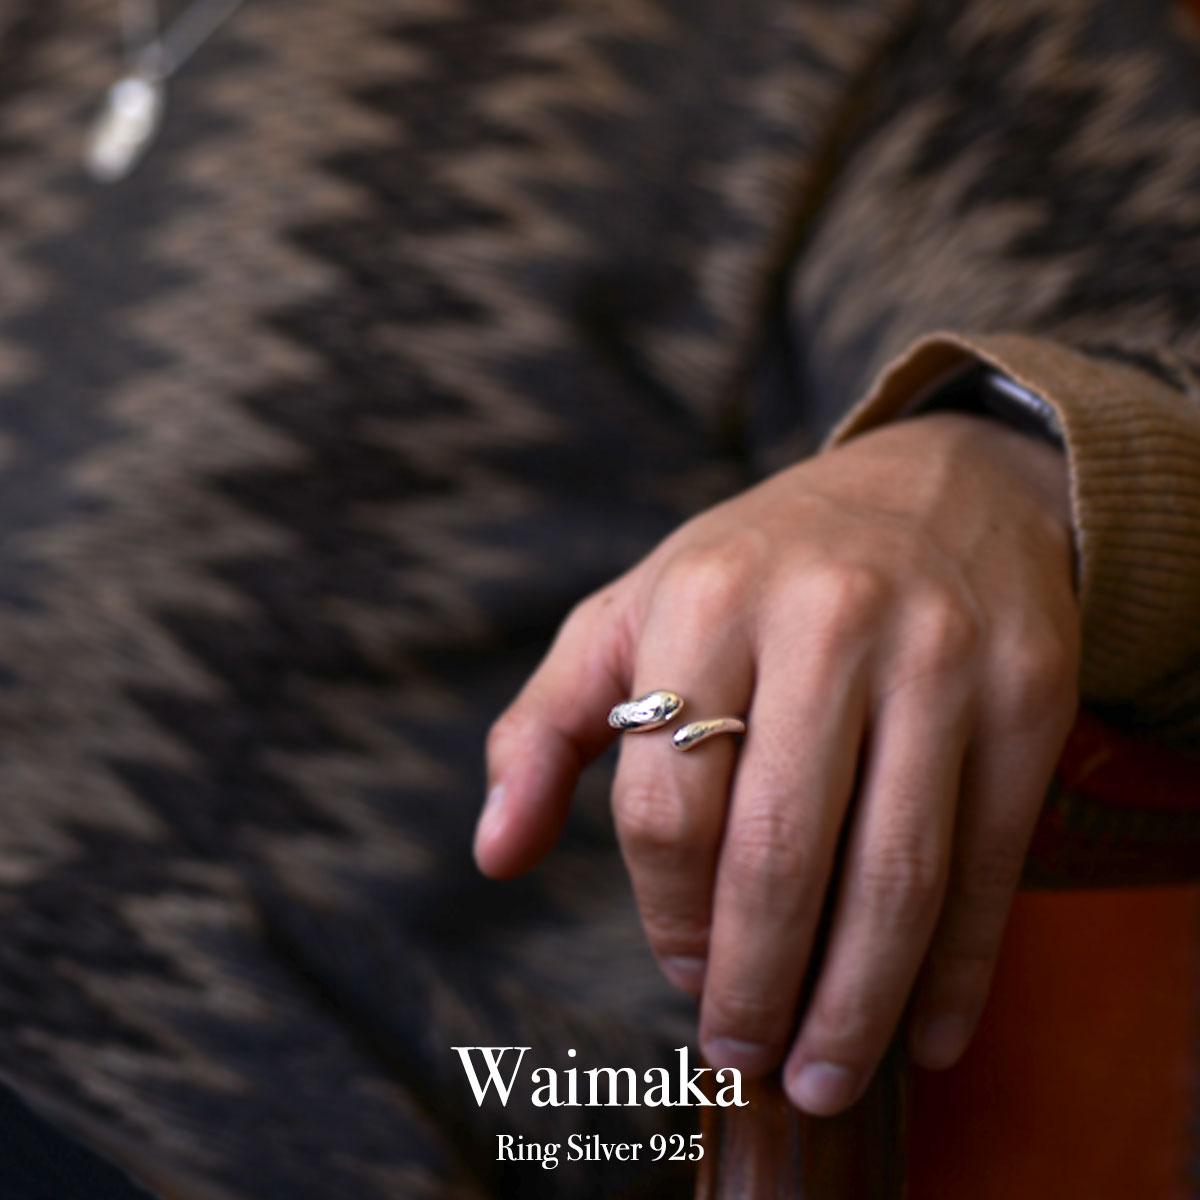 ハワイアンジュエリー シルバー925 SILVER925 silver925 リング 指輪  レディース 女性 メンズ 男性(Weliana) Waimaka ワイマカ リング シルバー 925 wri1520/新作 プレゼント ギフト